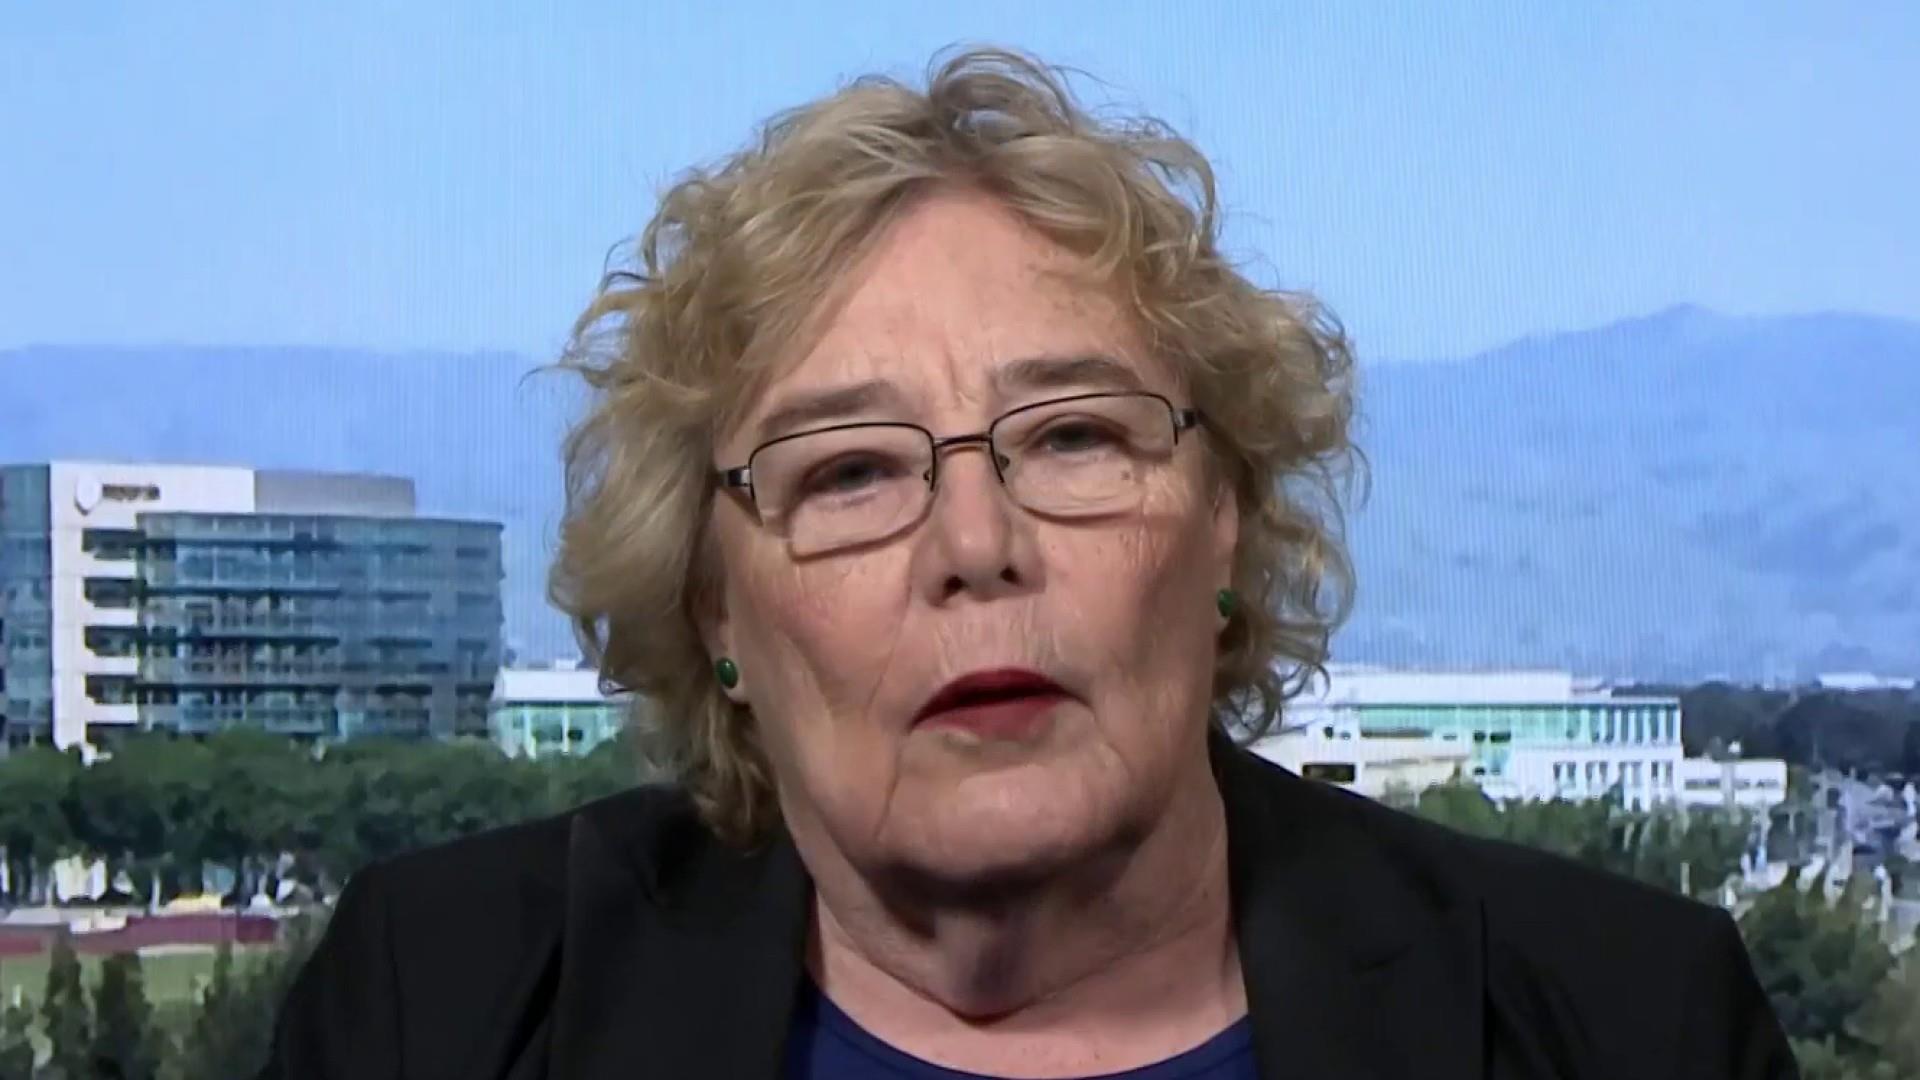 Rep. Zoe Lofgren: Barr has proven himself to be not very honest